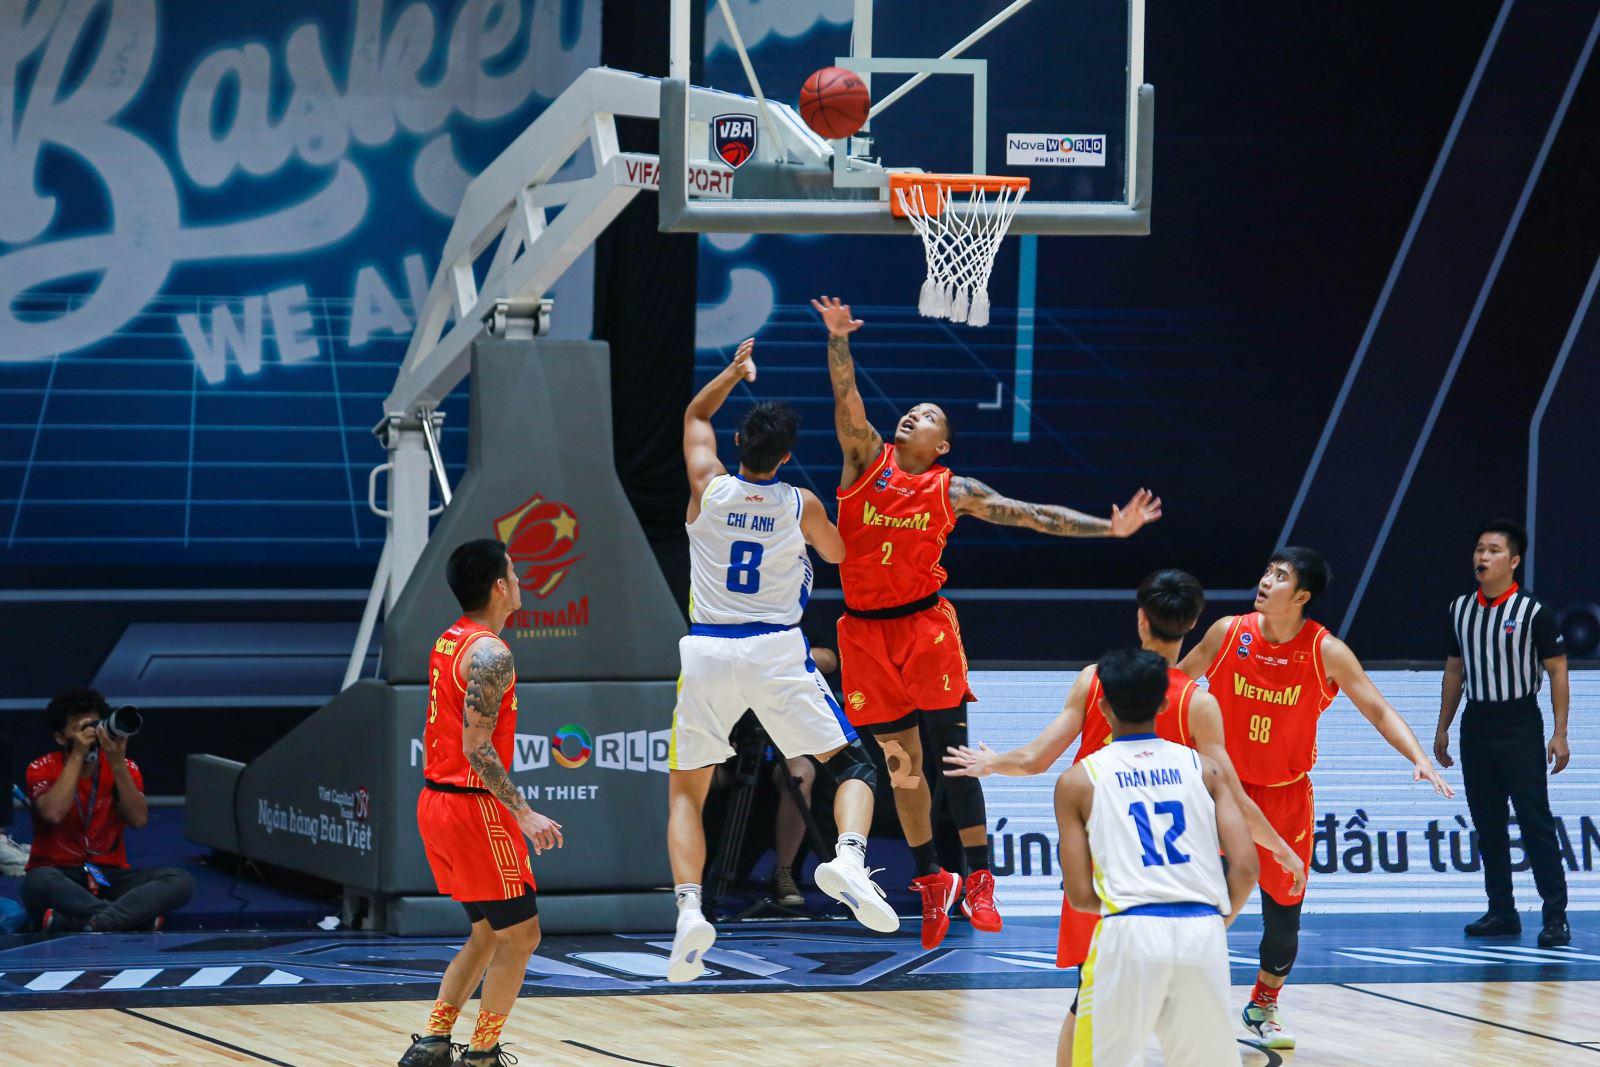 Đội tuyển bóng rổ Việt Nam có cơ hội chinh phục thành tích cao ở SEA Games 31. Ảnh: VBF